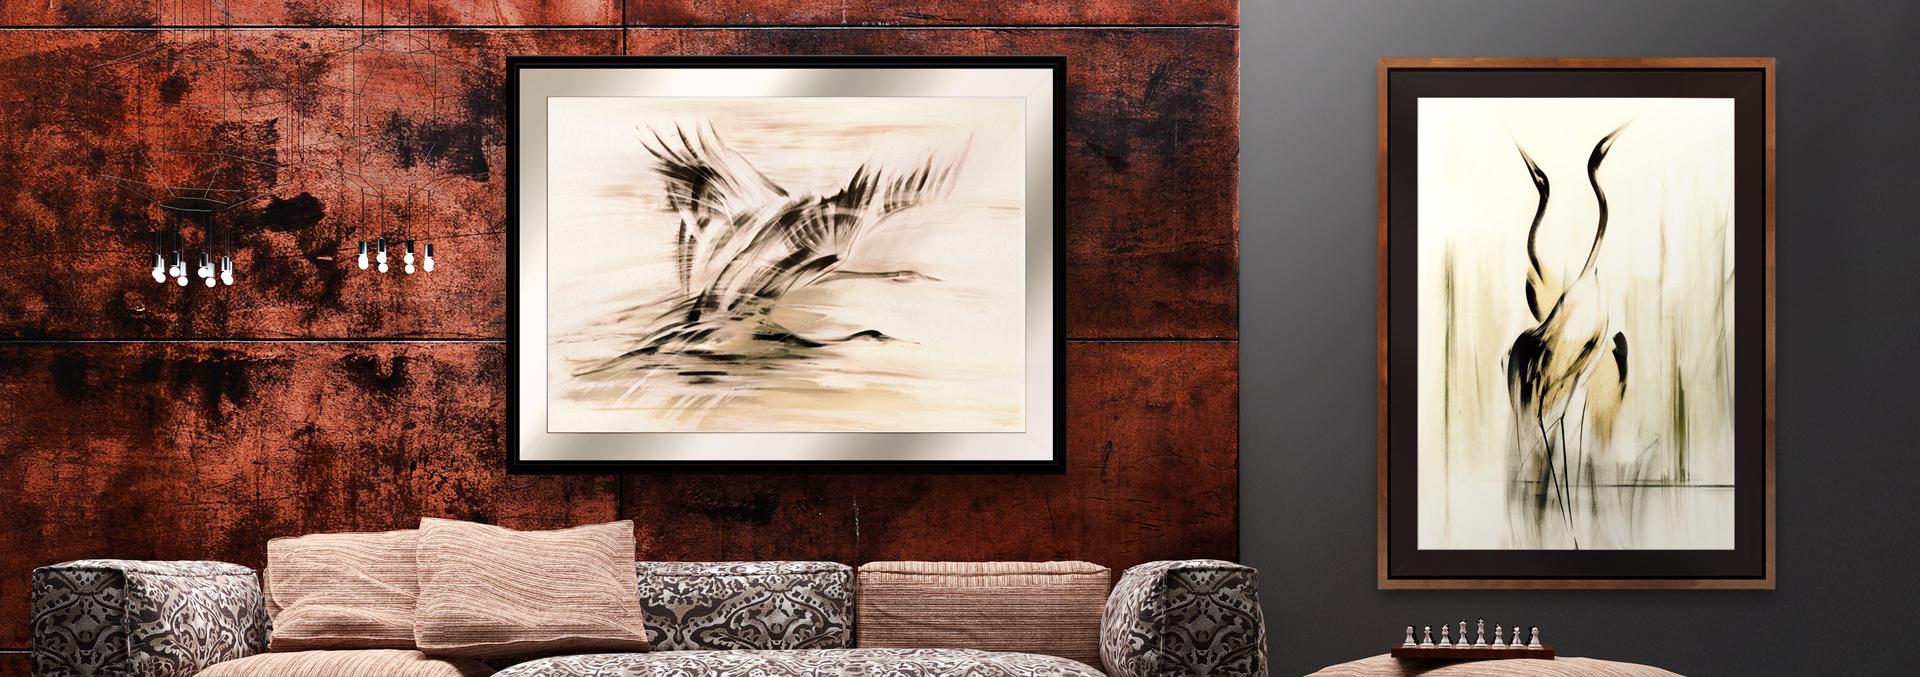 Bilder fürs Wohnzimmer, Moderne Bilder - 22cranes